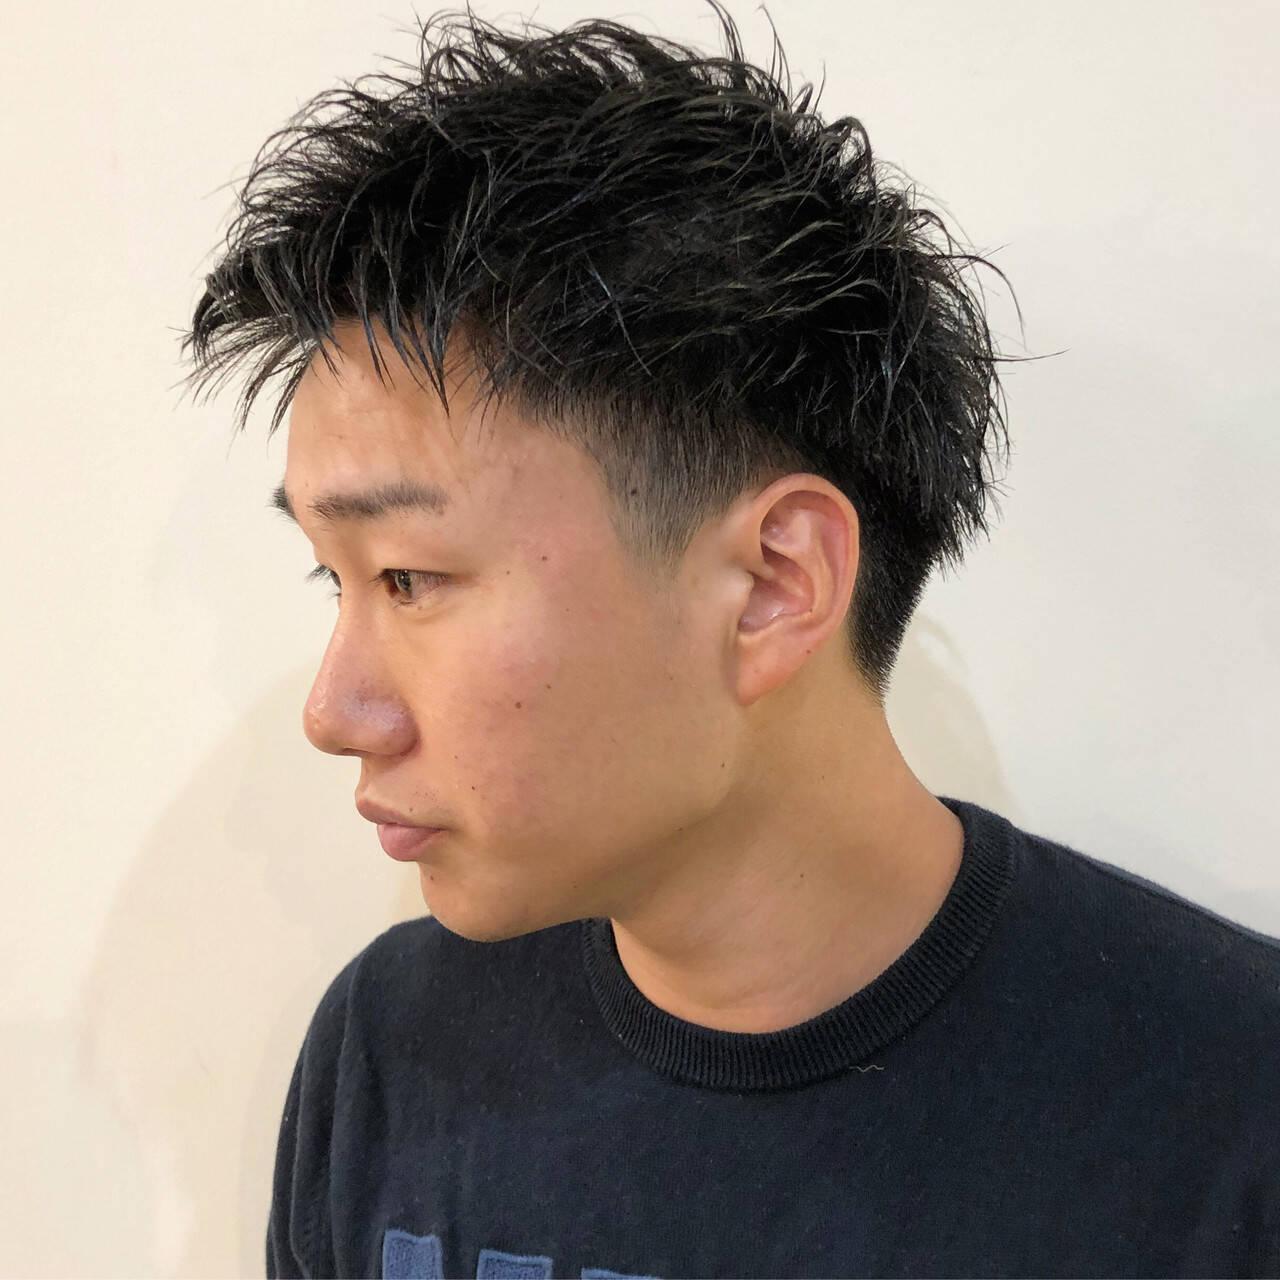 メンズパーマ ストリート メンズスタイル 刈り上げショートヘアスタイルや髪型の写真・画像